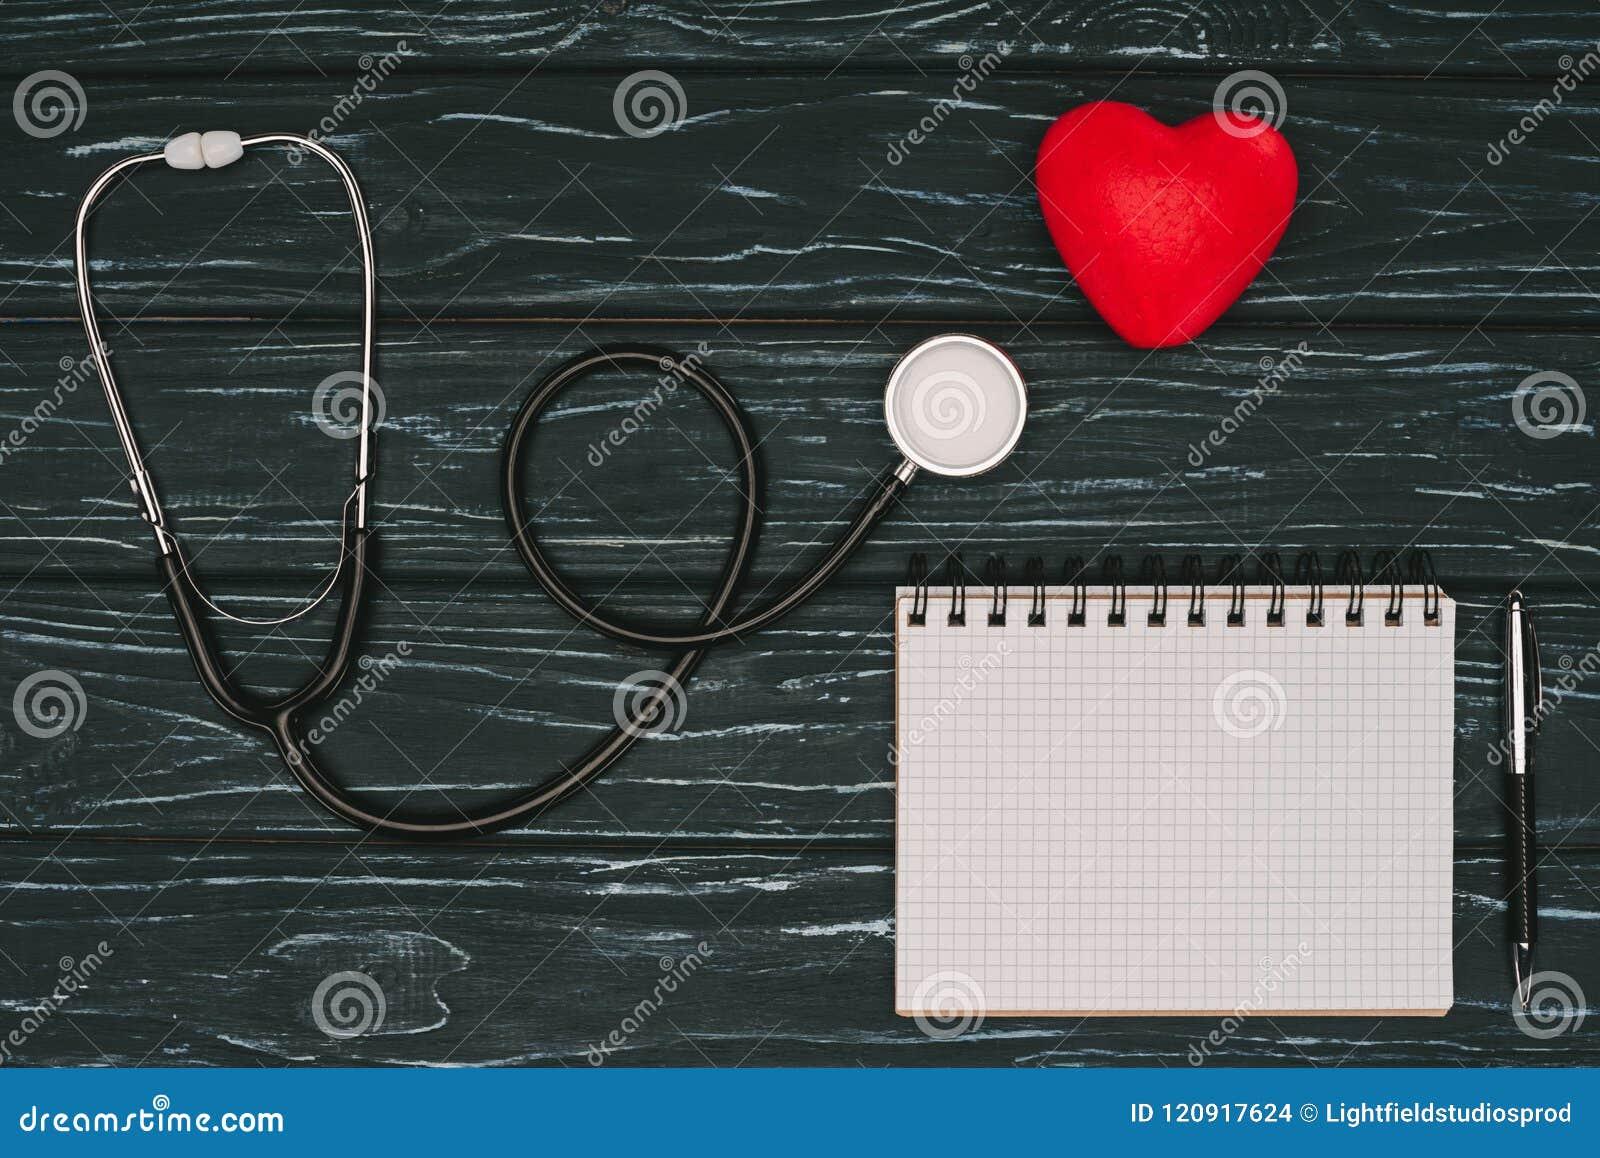 Vlak leg met geschikt rood hart, stethoscoop en leeg notitieboekje op donker houten tafelblad, wereldgezondheid